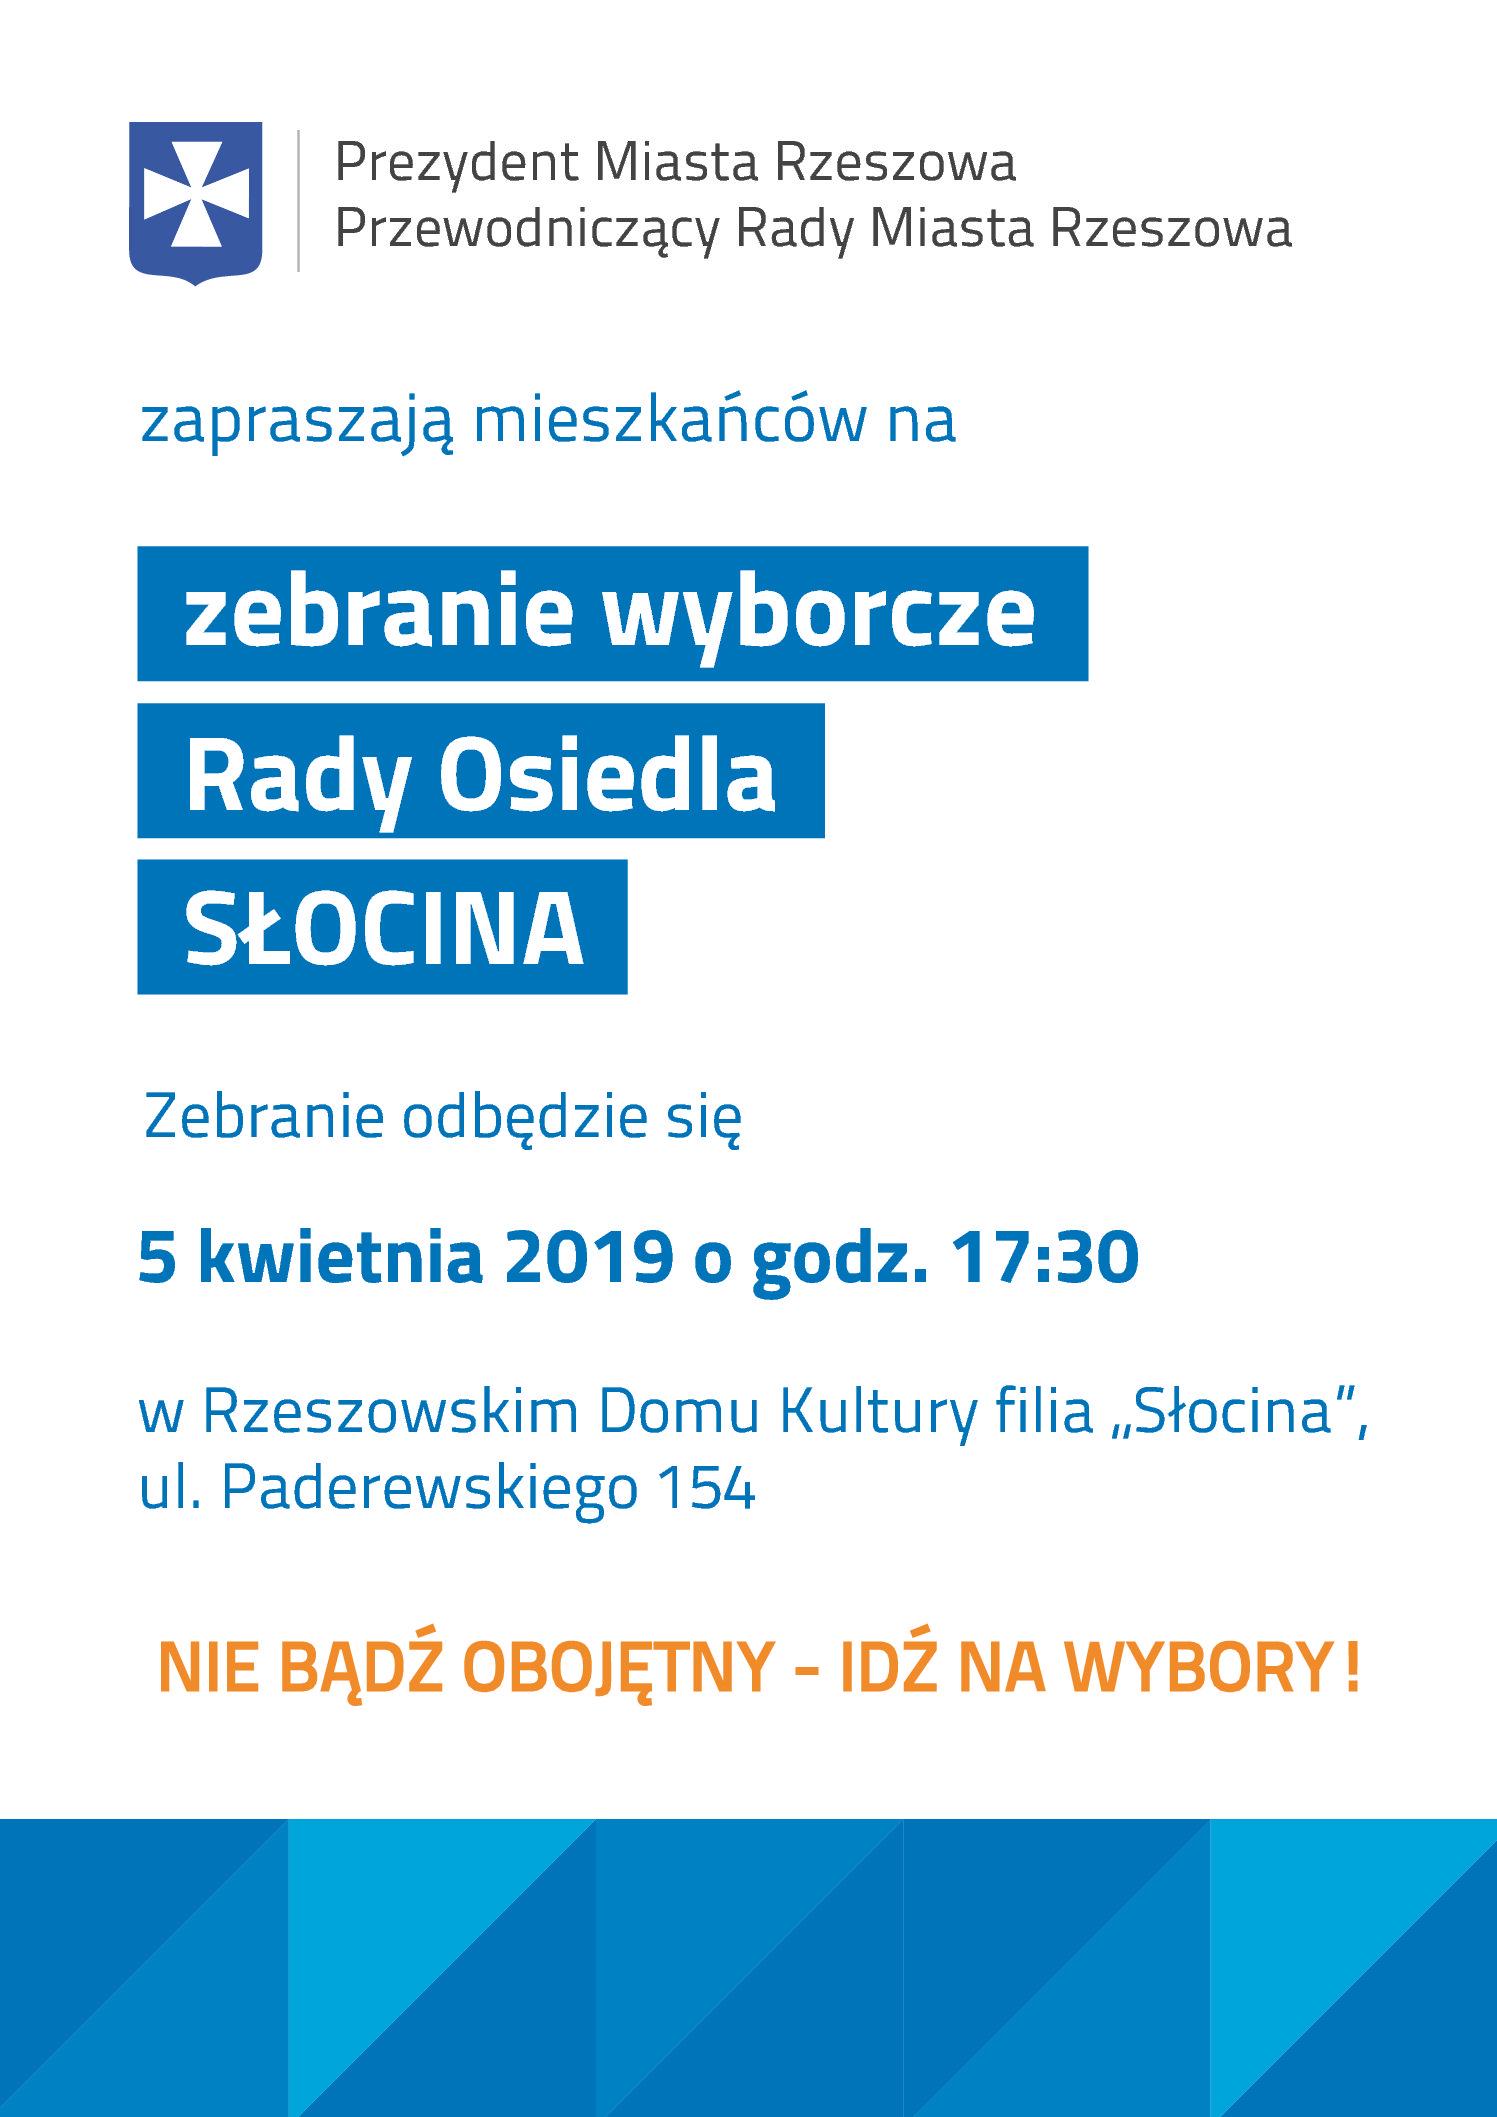 Wybory do Rady Osiedla Słocina